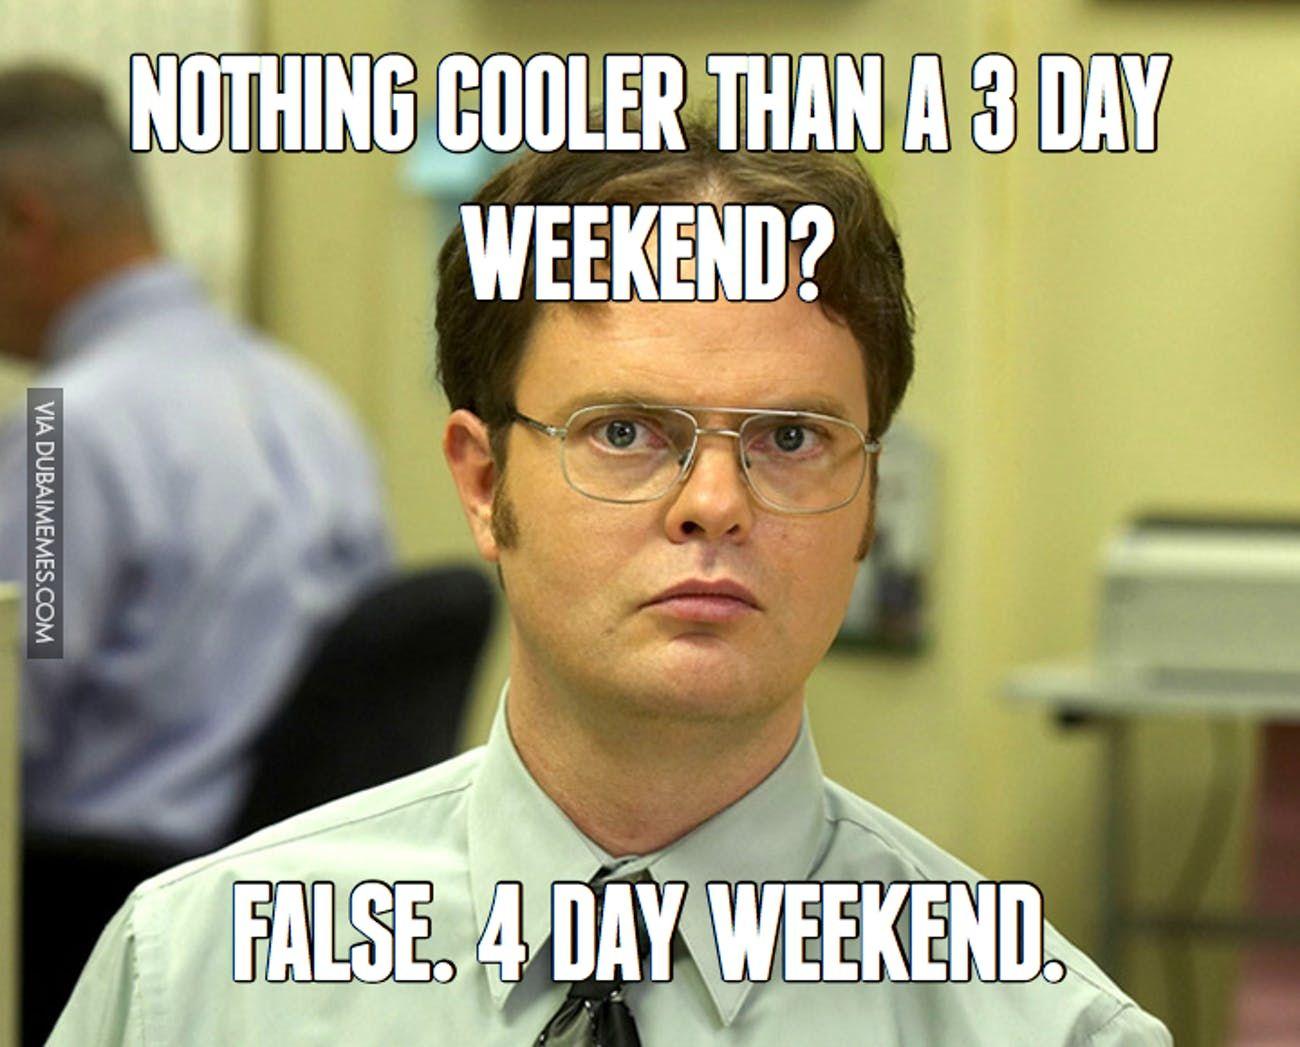 Top 20 Leaving Work Memes Weekend Humor 4 Day Weekend Work Memes